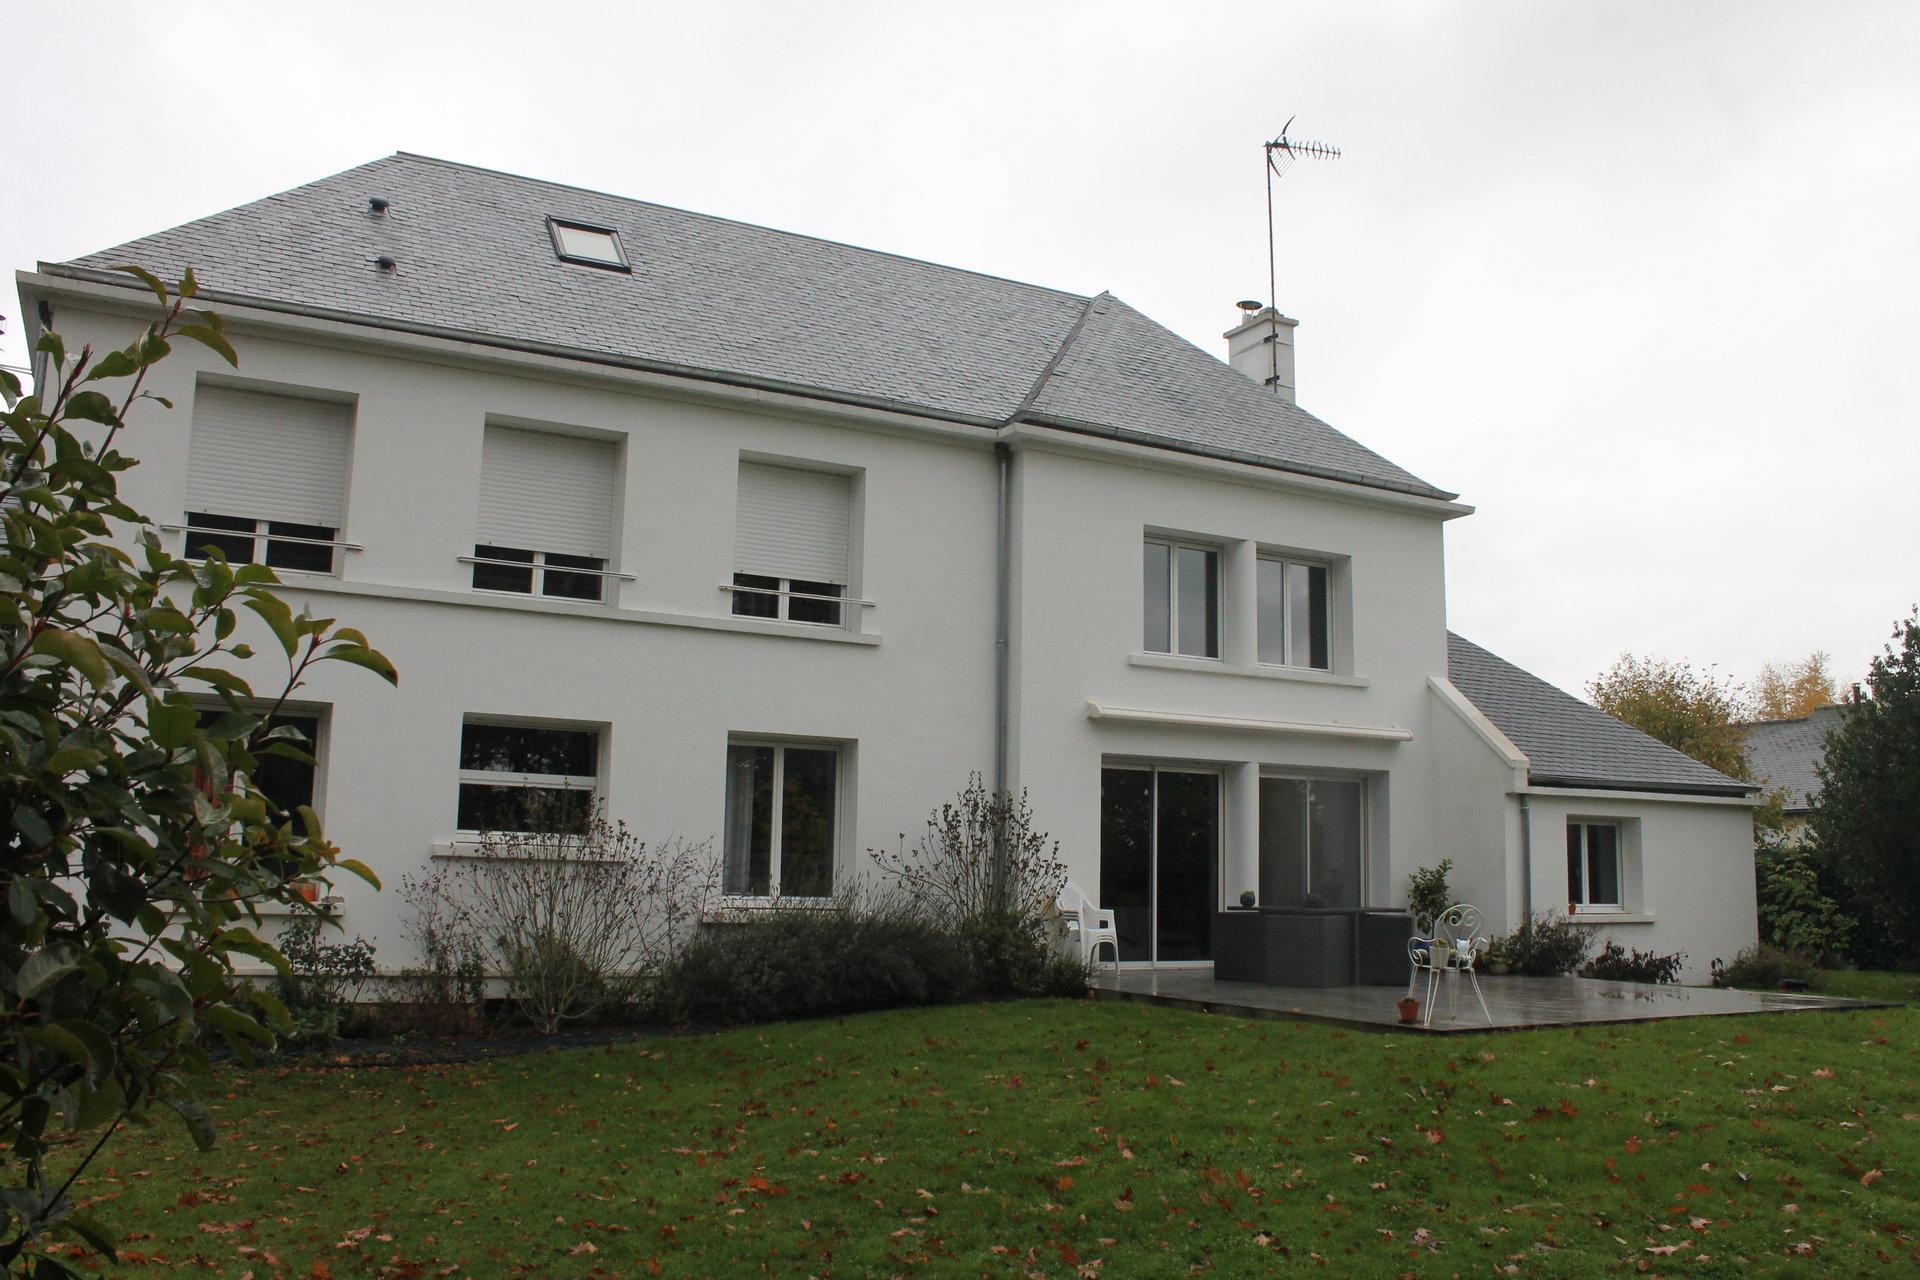 Maison d'architecte au cœur des Alpes Mancelles